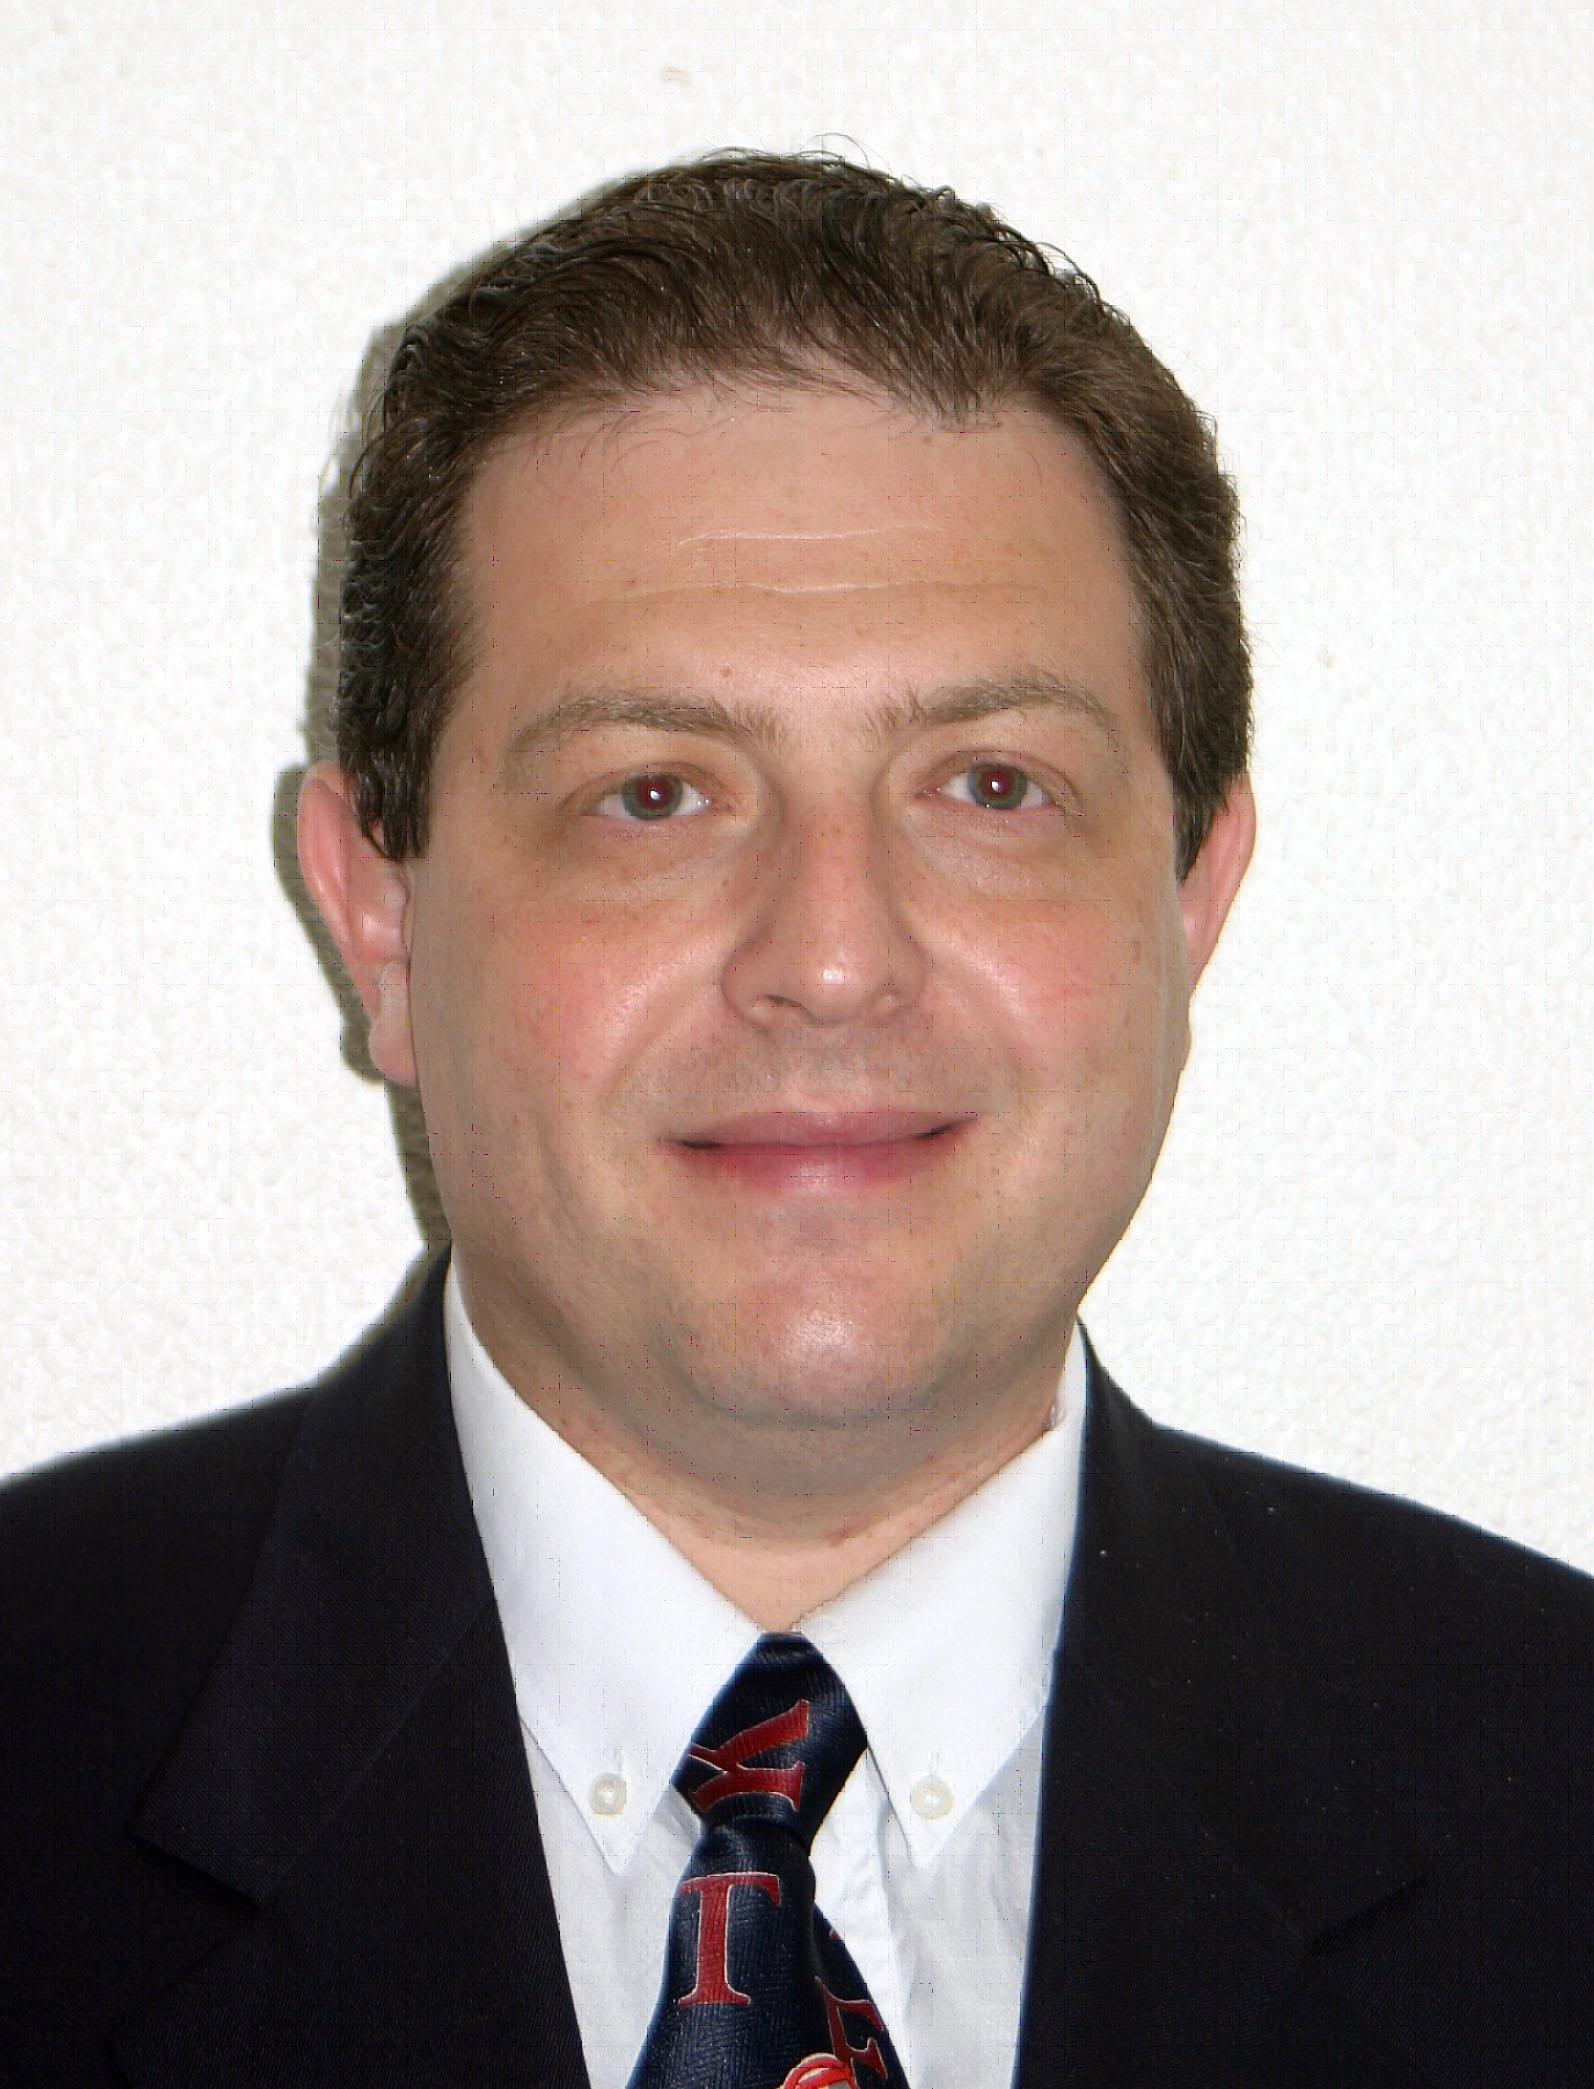 פרופסור פרופ אור קיזרמן - תמונת פרופיל